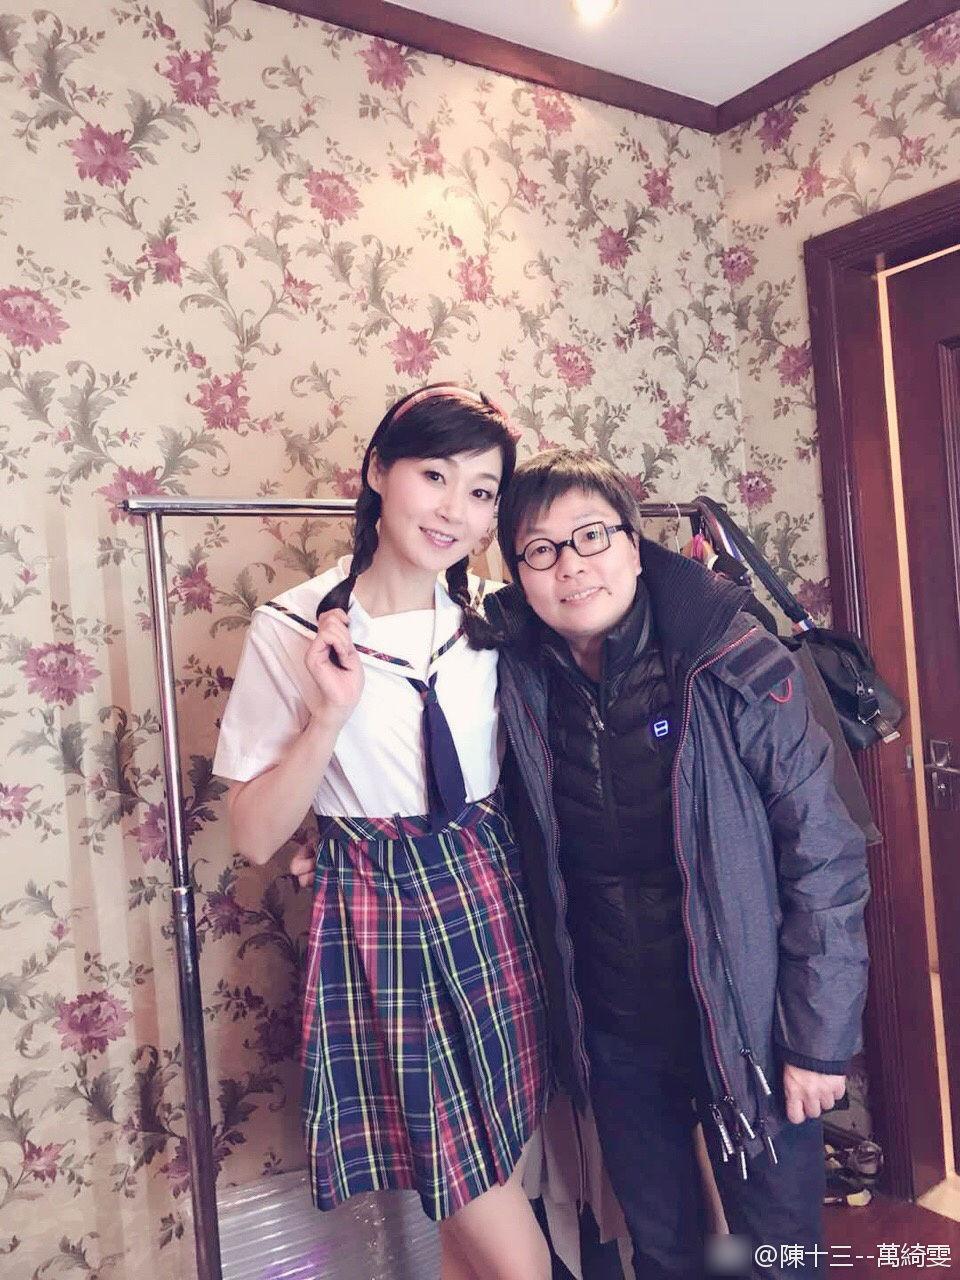 48岁美魔女万绮雯穿上校服 俨然一副少女样